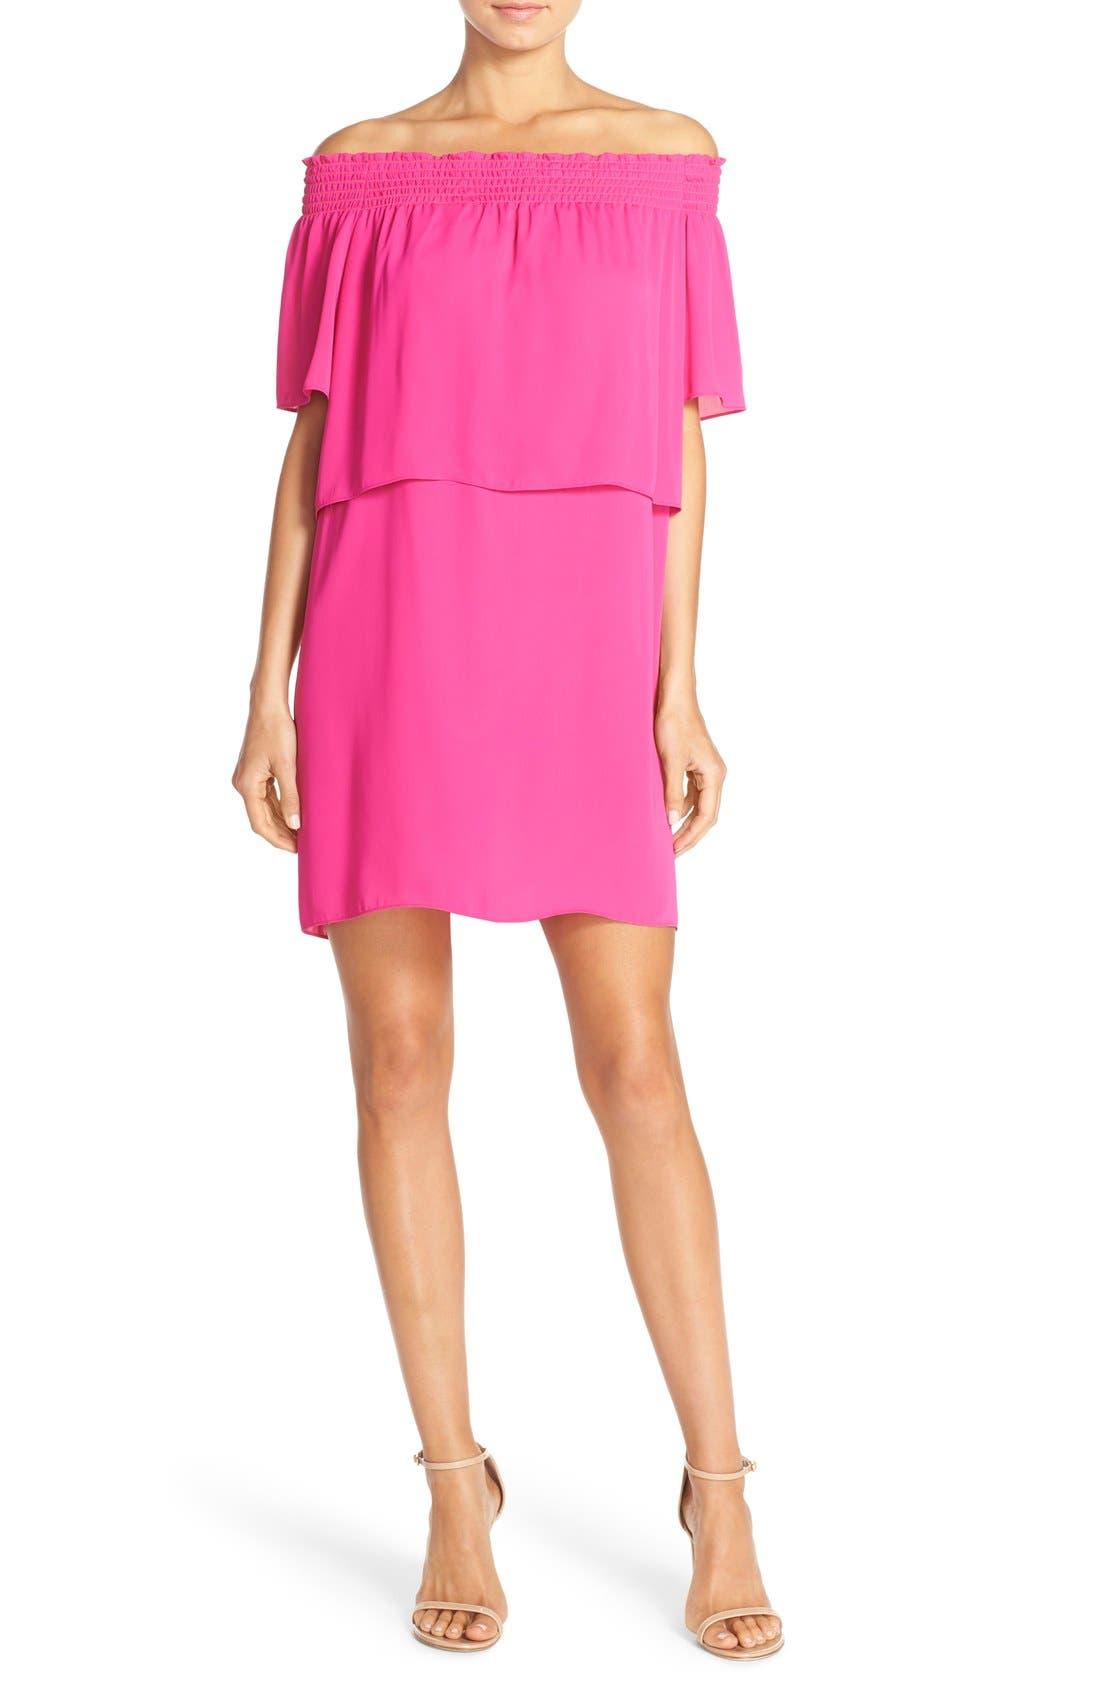 Alternate Image 1 Selected - Amanda Uprichard 'Cleo' Popover Off the Shoulder Dress